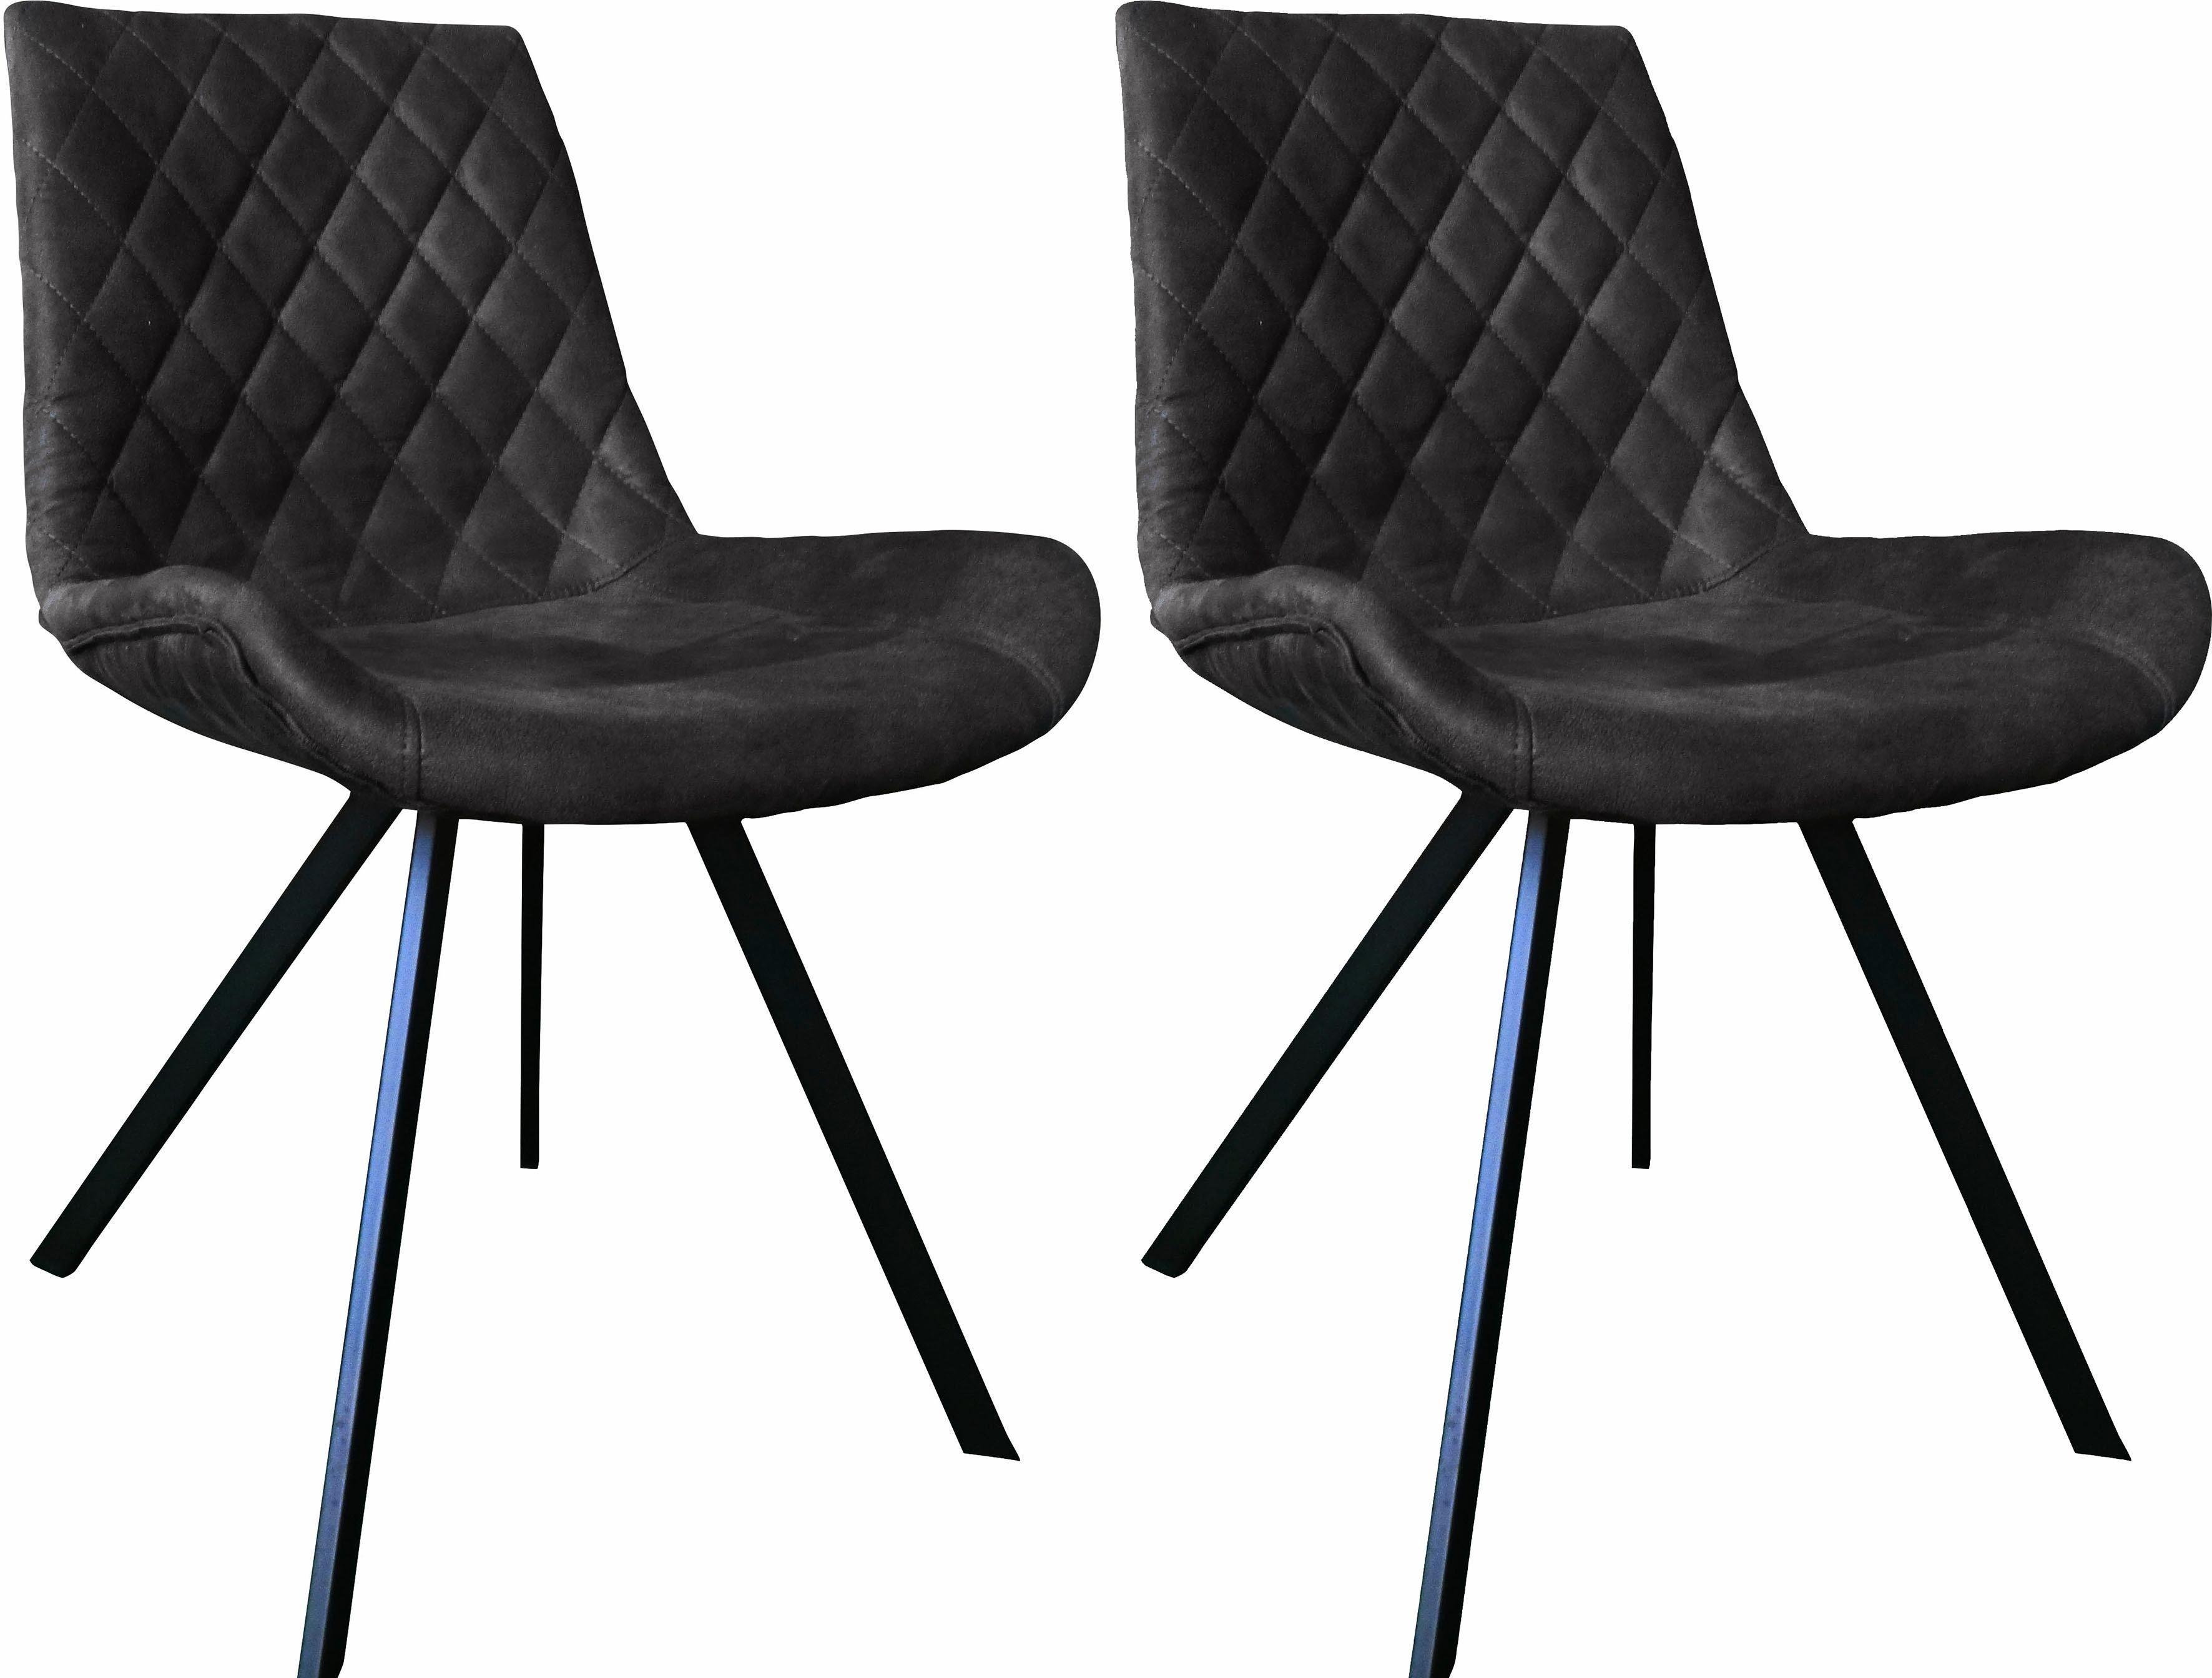 Vintage Stuhl Preisvergleich • Die besten Angebote online kaufen